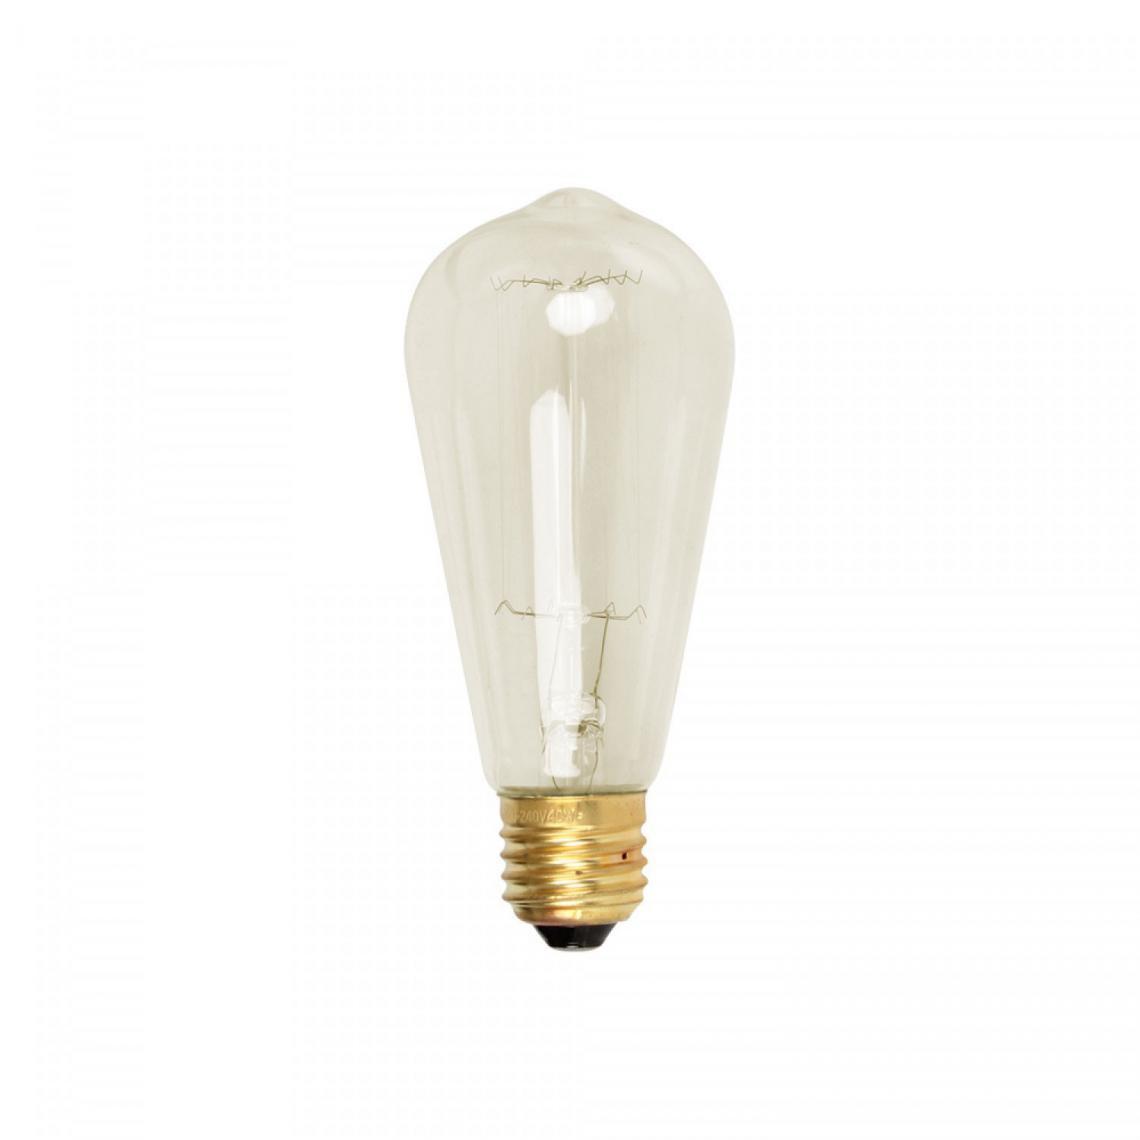 Ampoule Décorative Style Rétro Cône D5,8 TERMIK